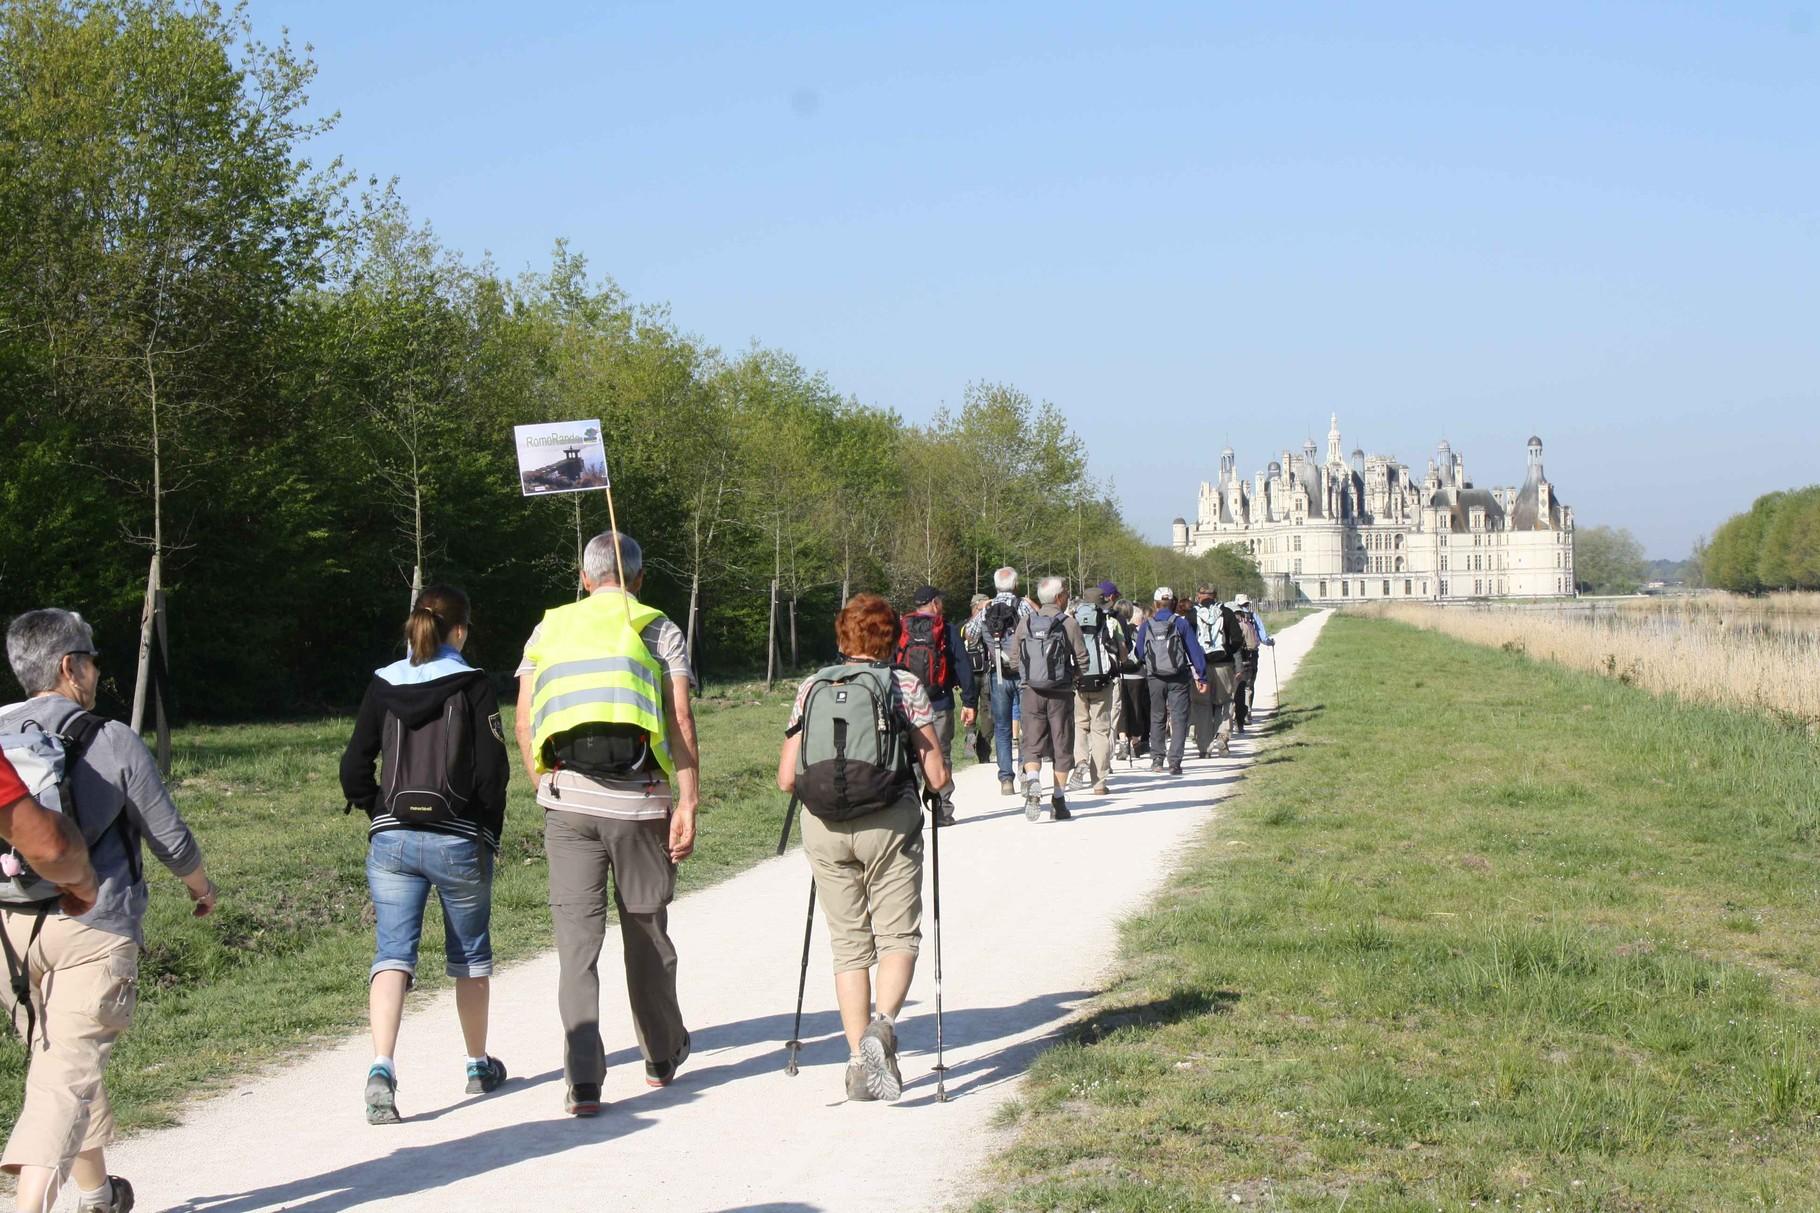 Club de randonnée de Romorantin Sologne - sortie Chambord - Blois, au coeur des châteaux de la Loire